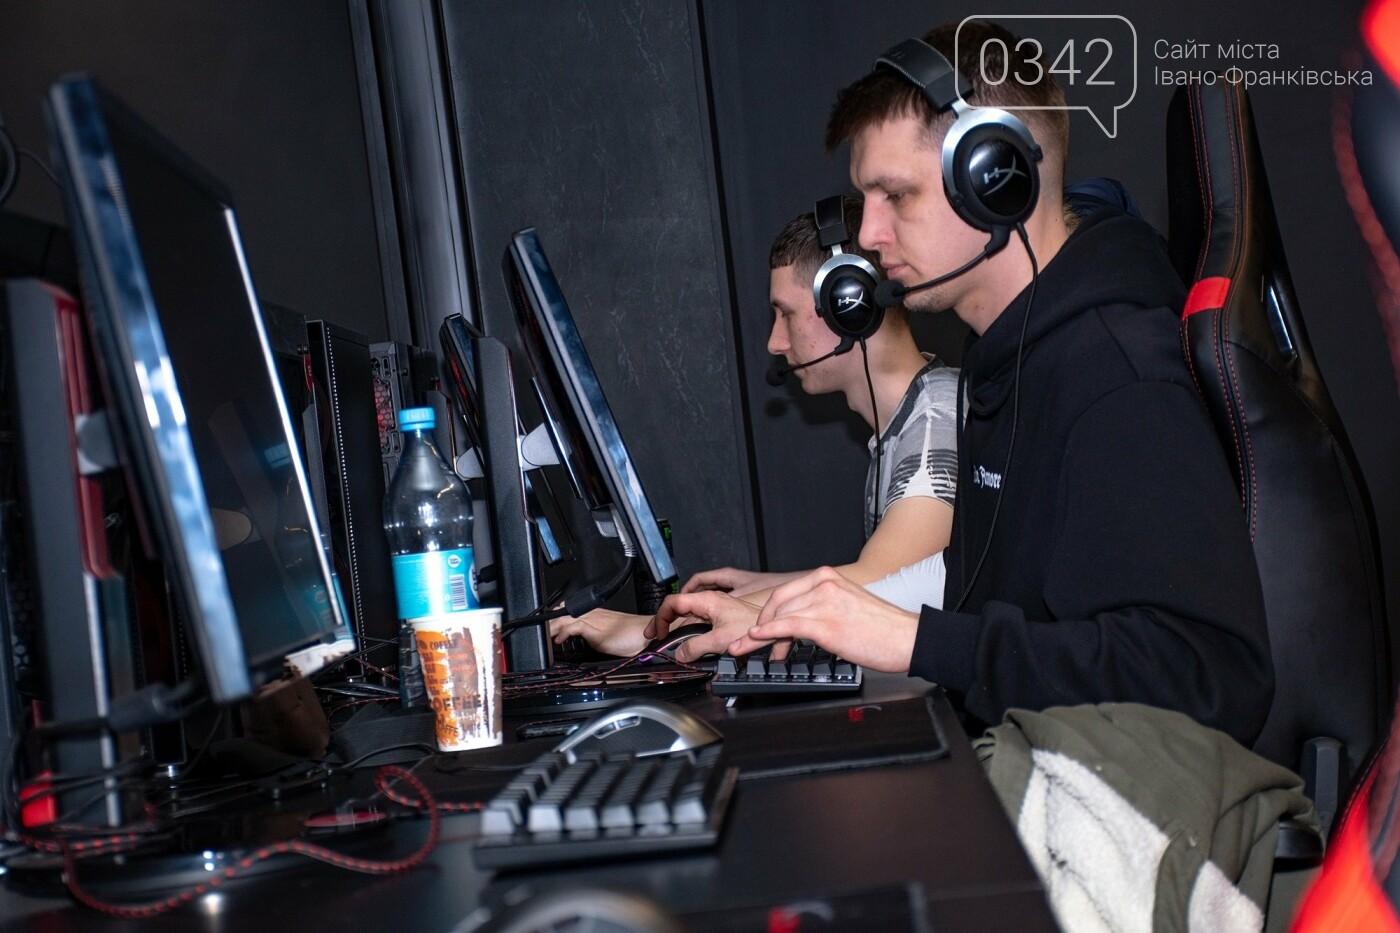 У Франківську відкрився найбільший кіберспортивний простір (ФОТО), фото-3